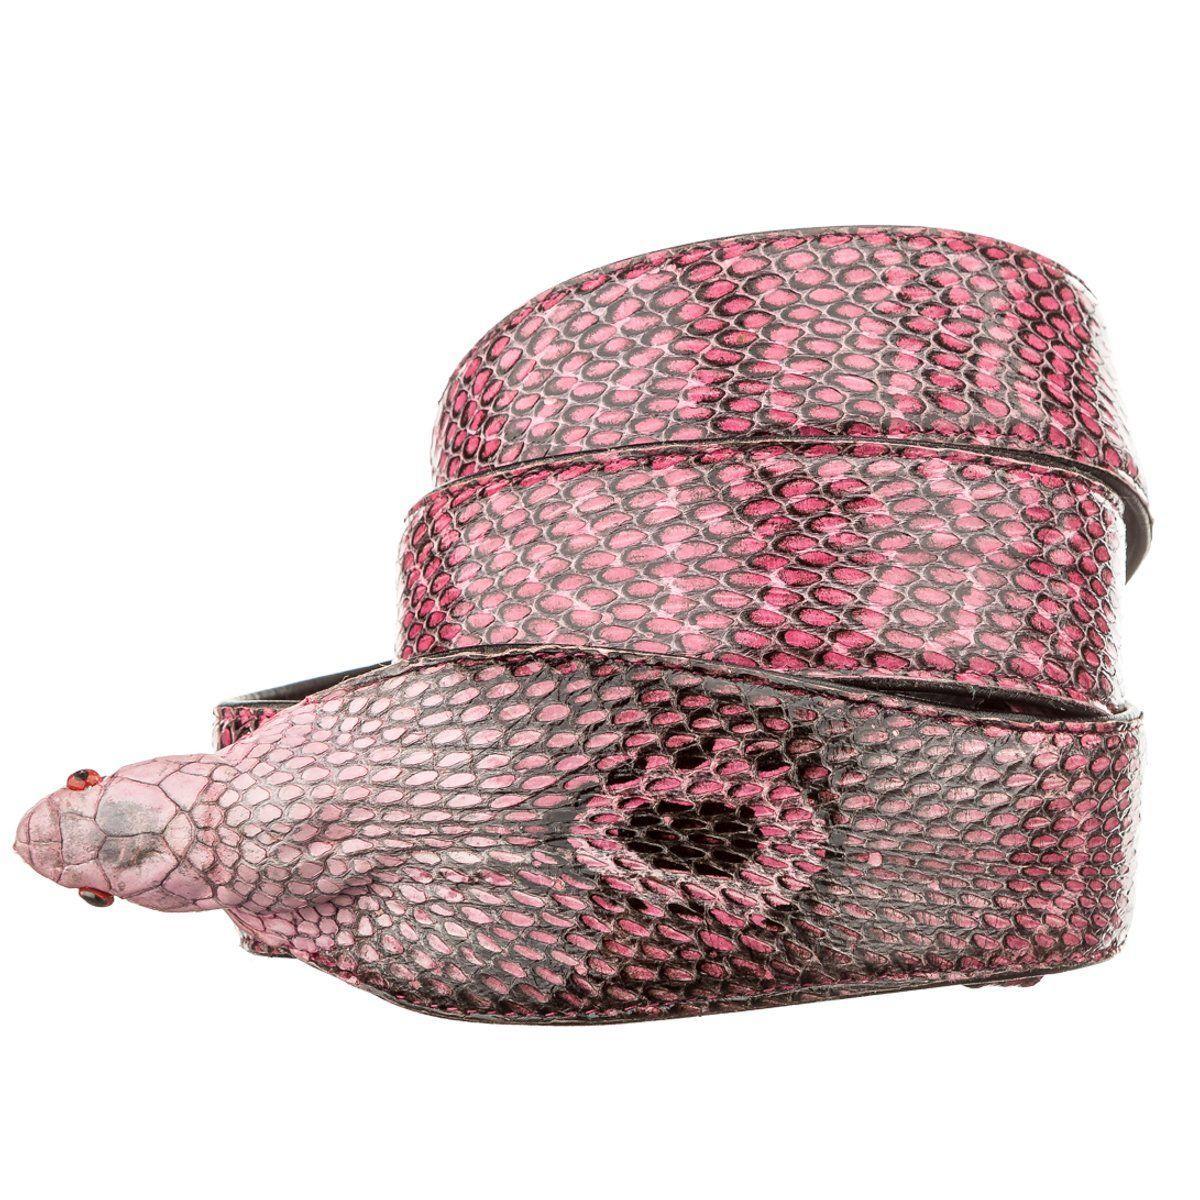 Ремень Ekzotic Leather из натуральной кожи кобры Розовый (snb 20)